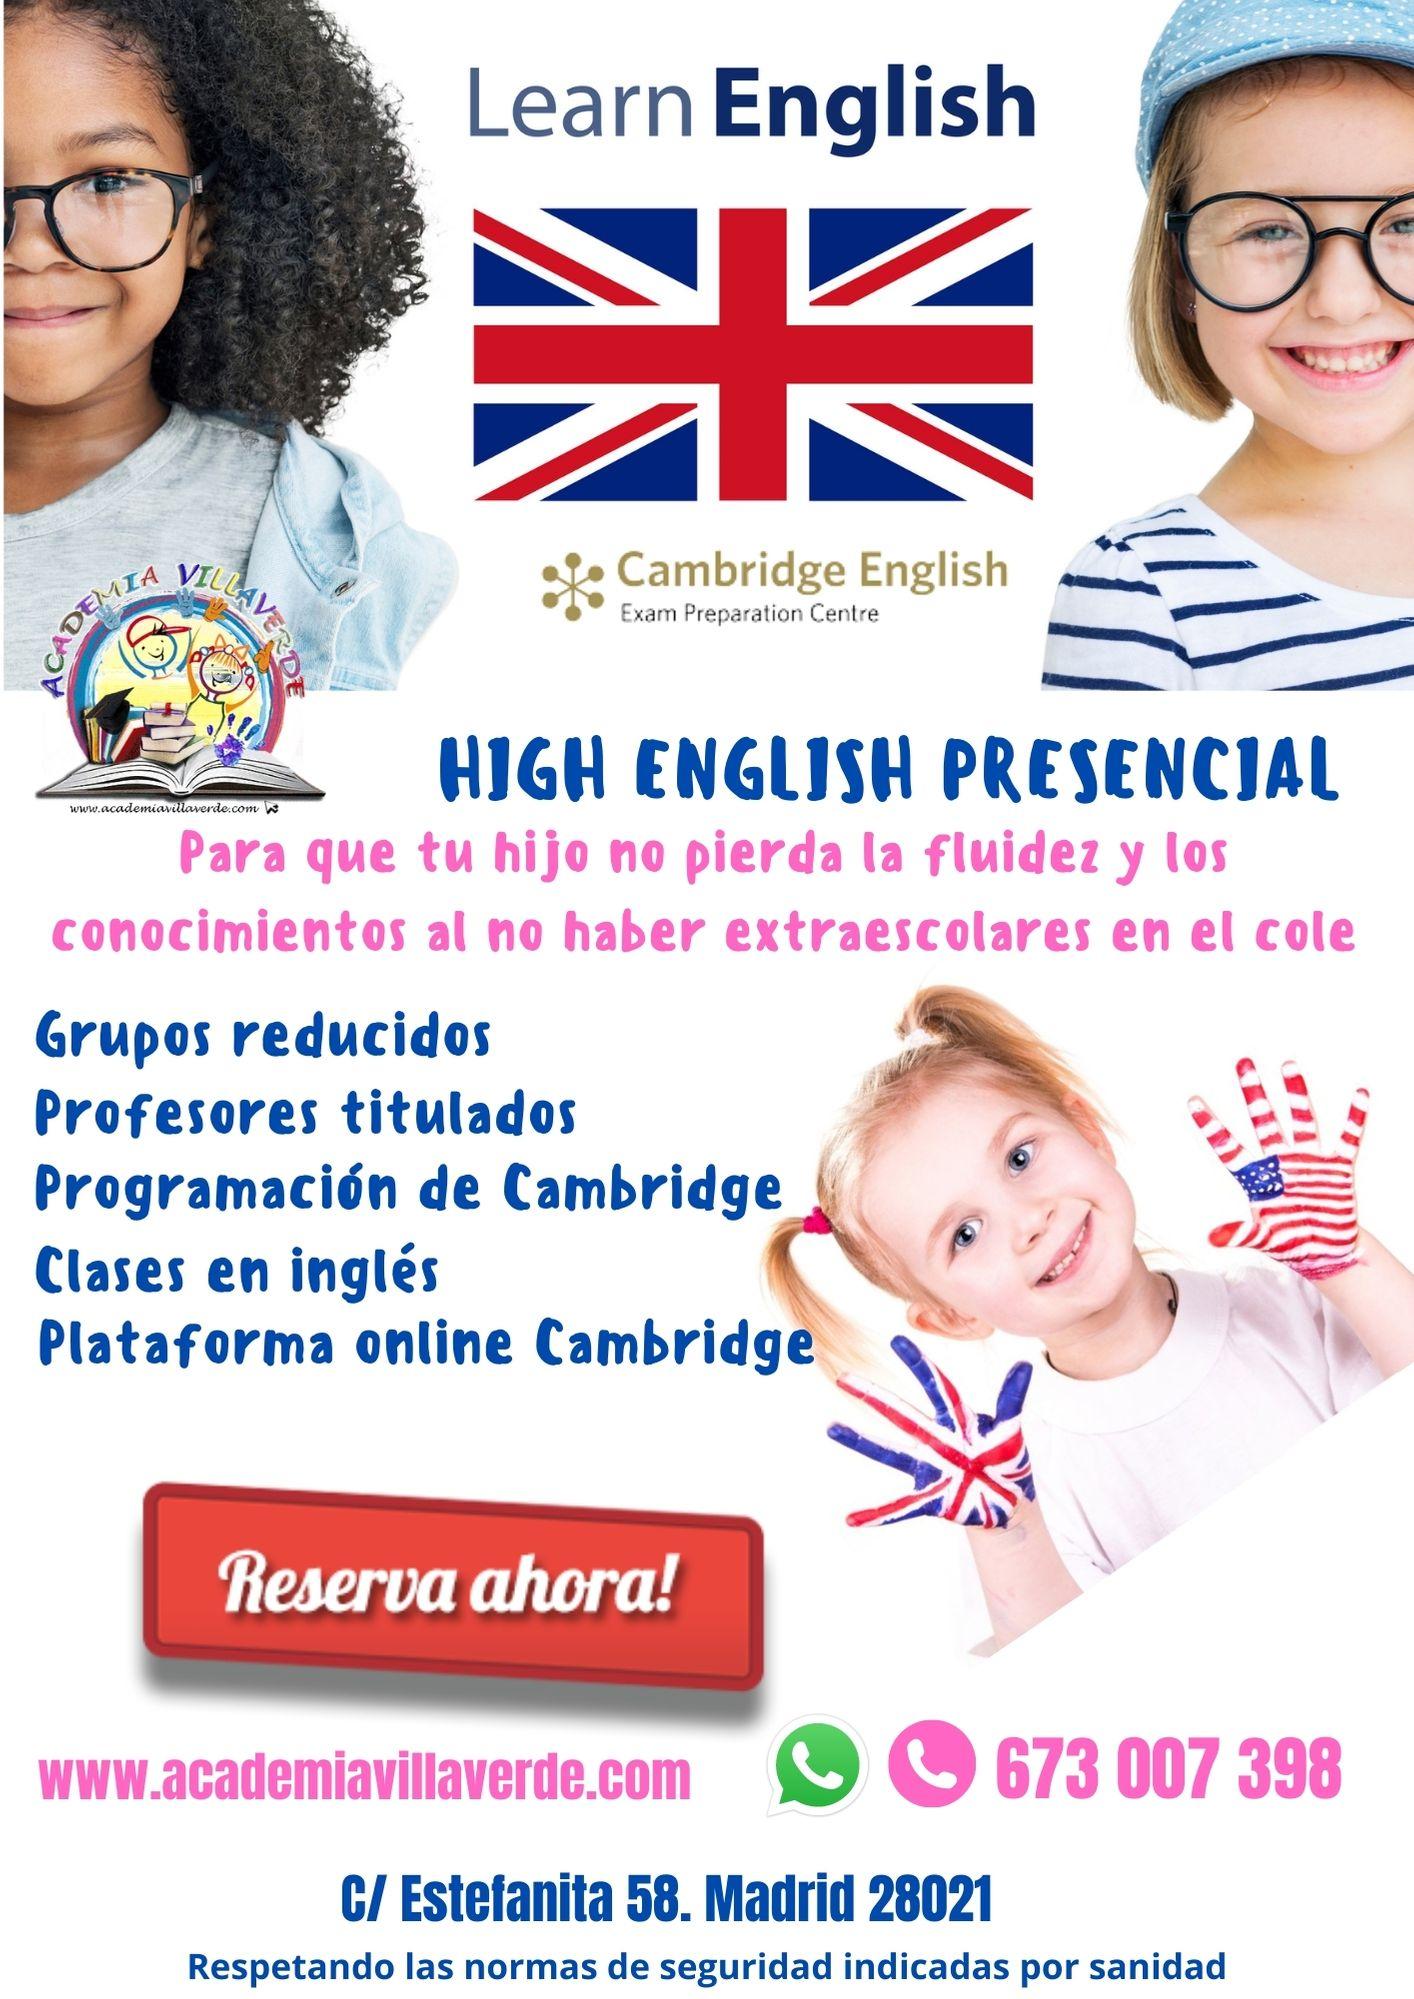 presencial-academia-villaverde-high-english-2020